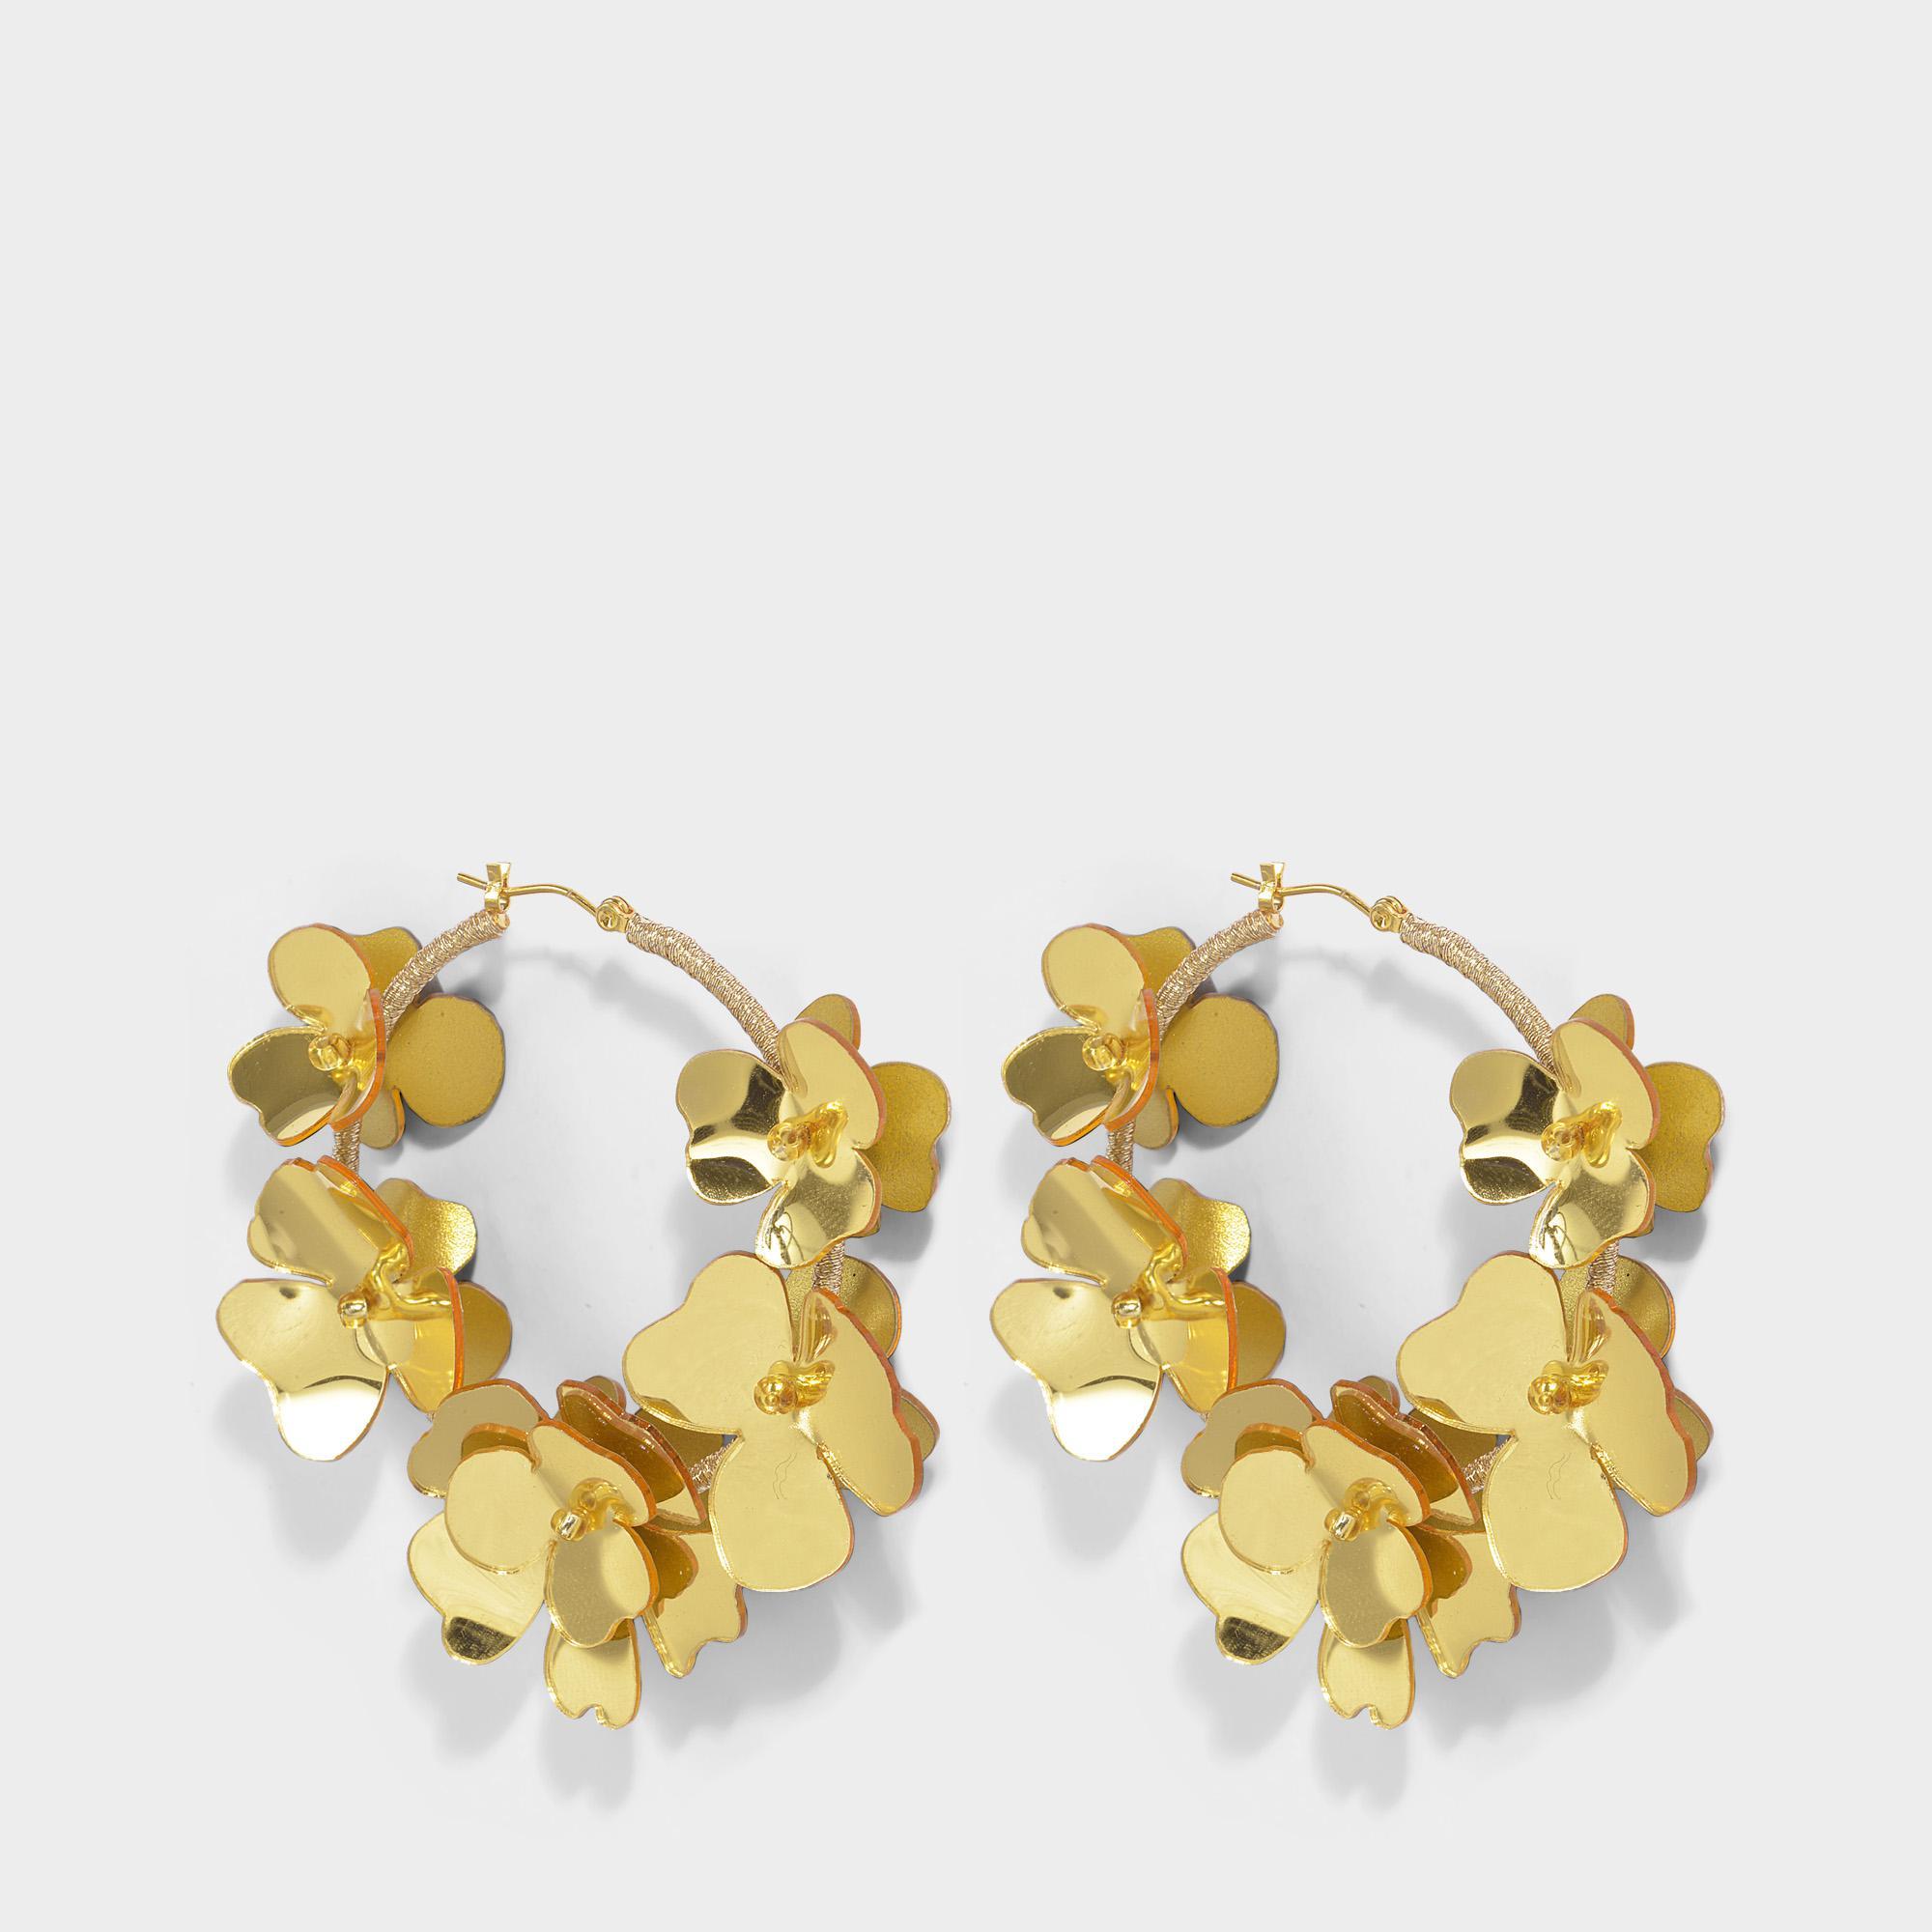 Oscar De La Renta Flower Garden Hoop Earrings in Gold Synthetic 6kwOnX